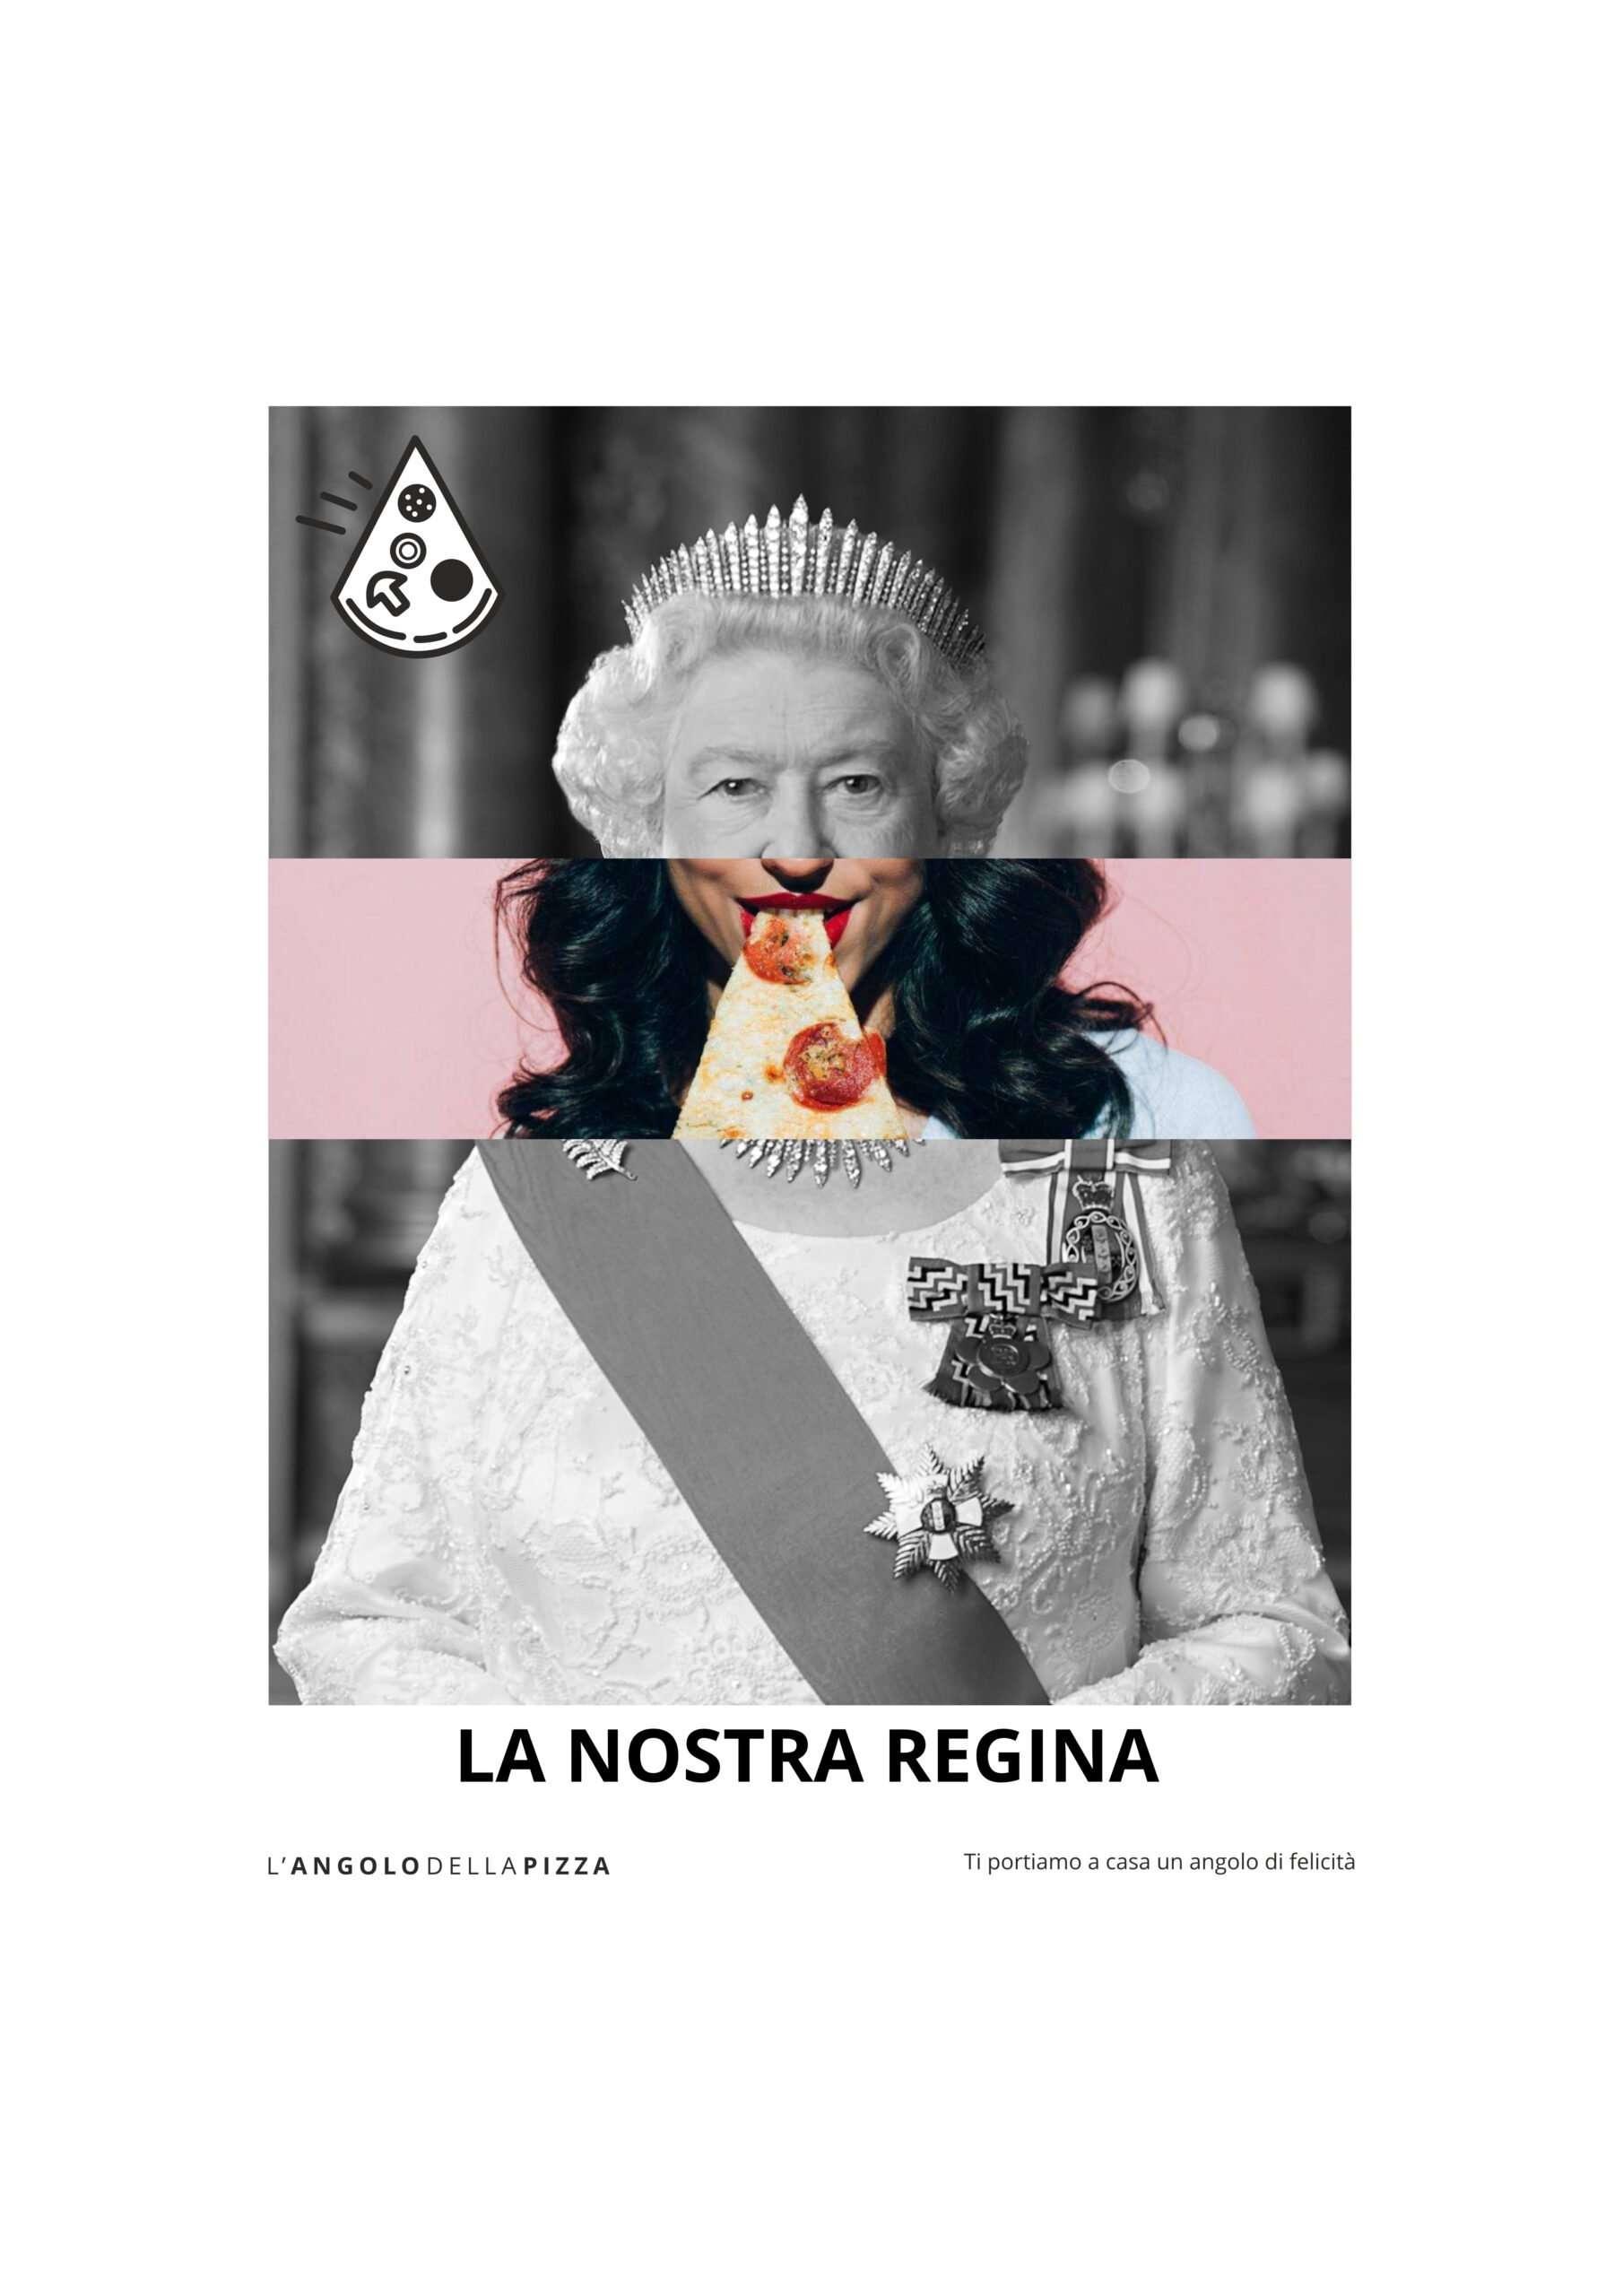 Concept. Poster per L'Angolo della Pizza